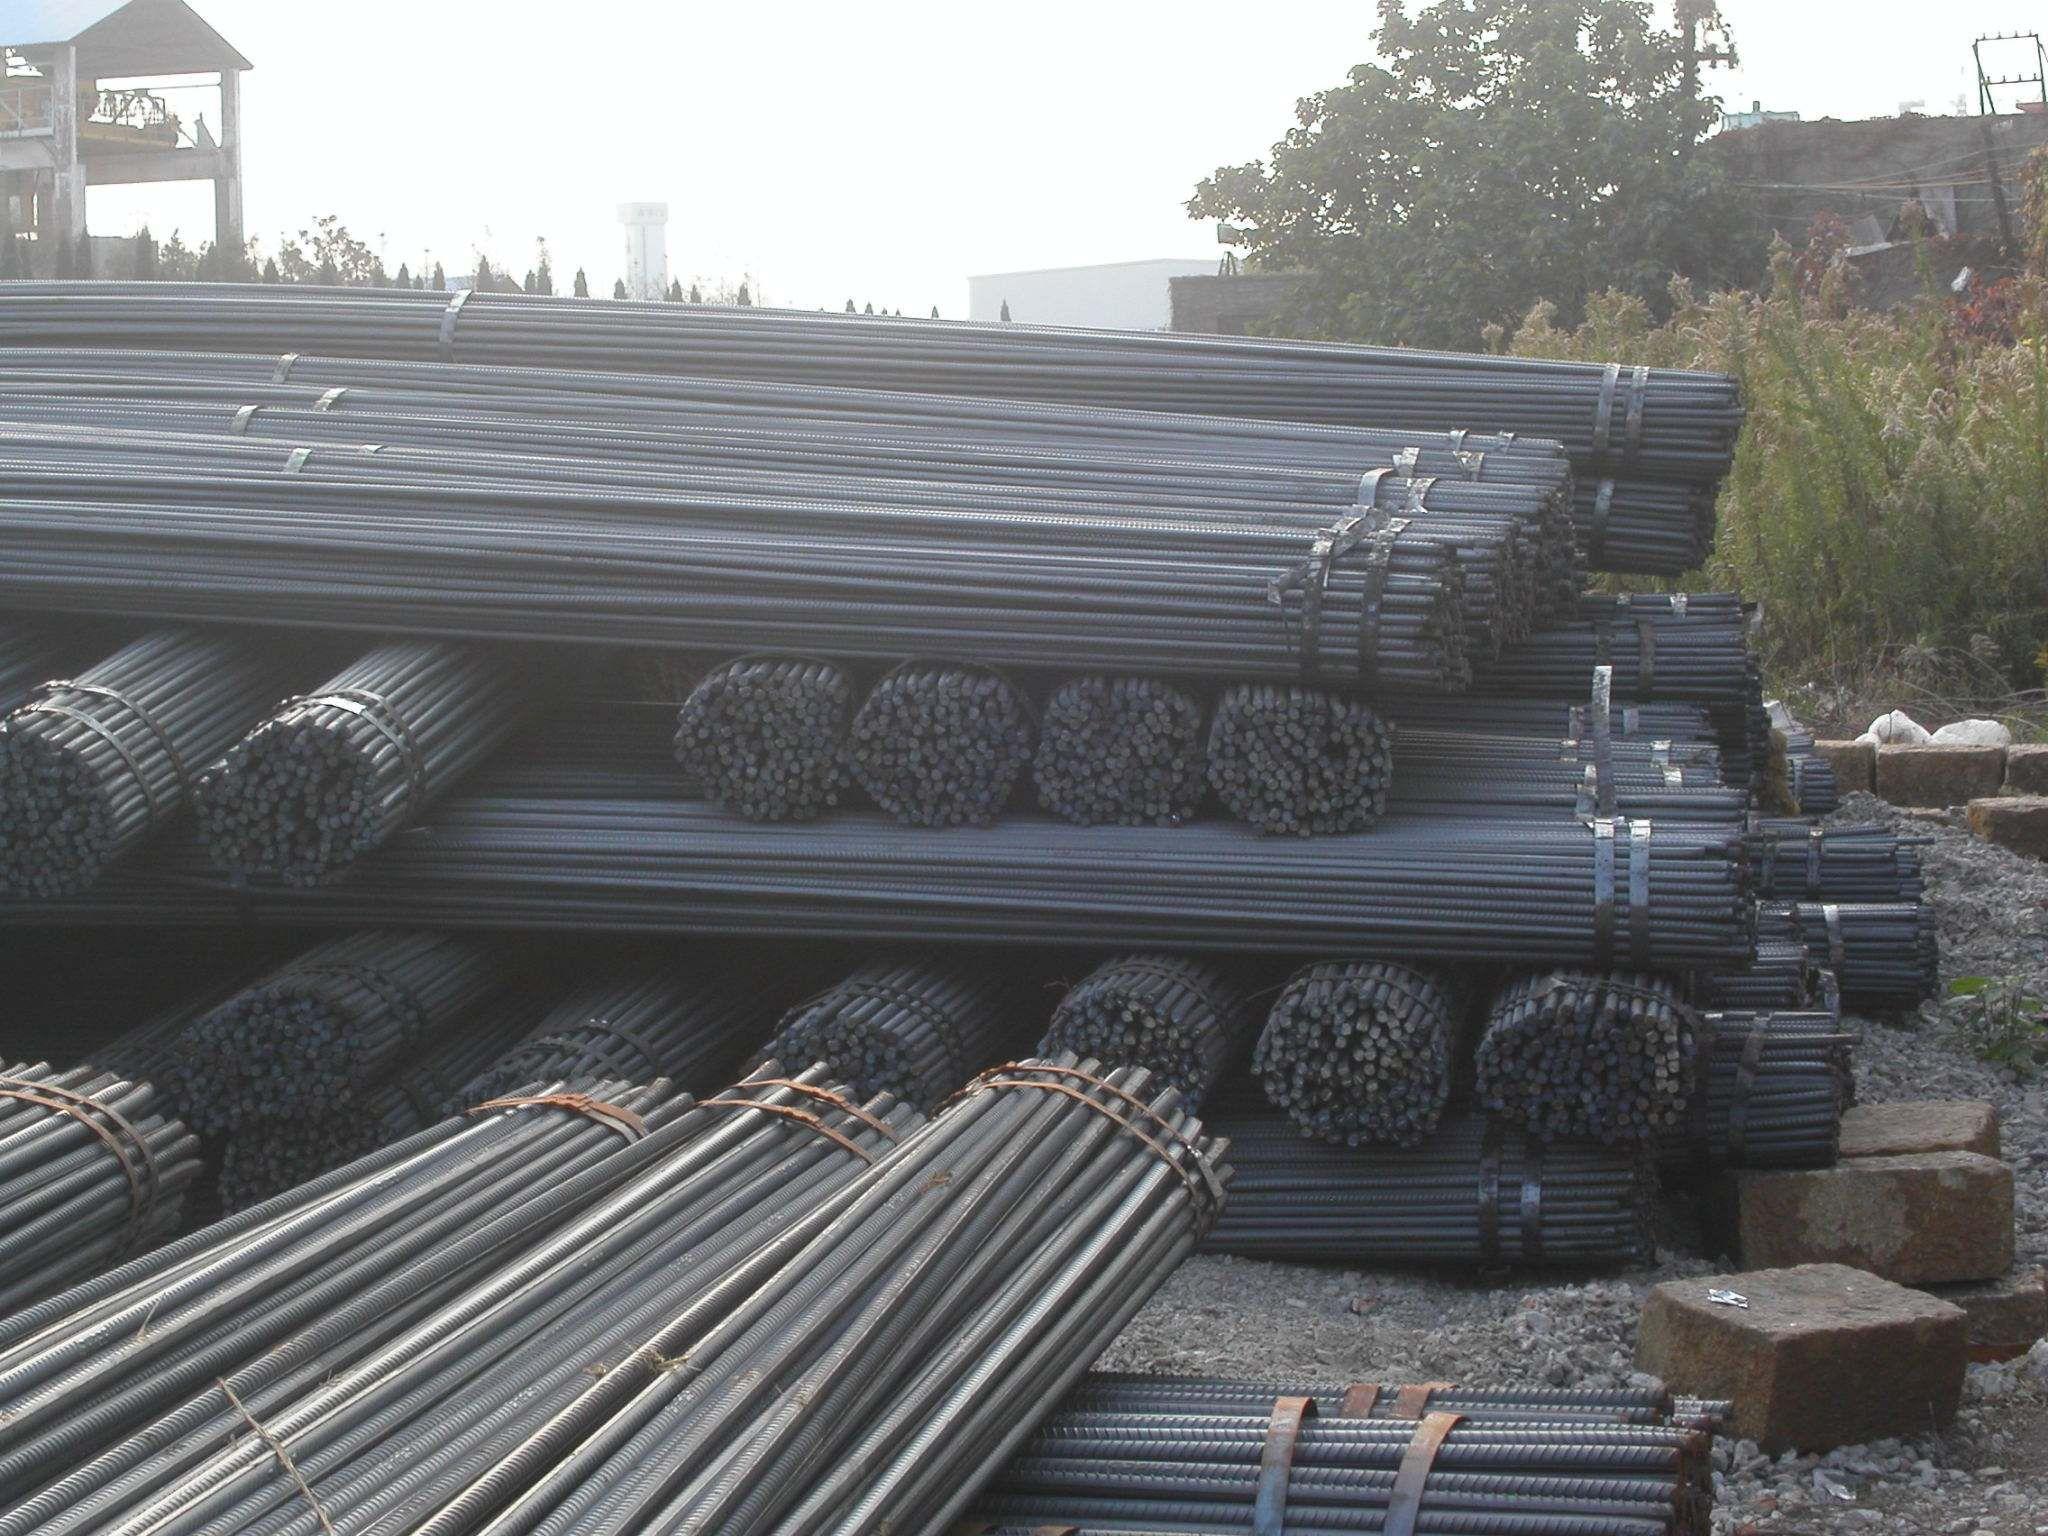 南京螺纹钢,出口螺纹钢, 轧螺纹钢,钢材螺纹钢